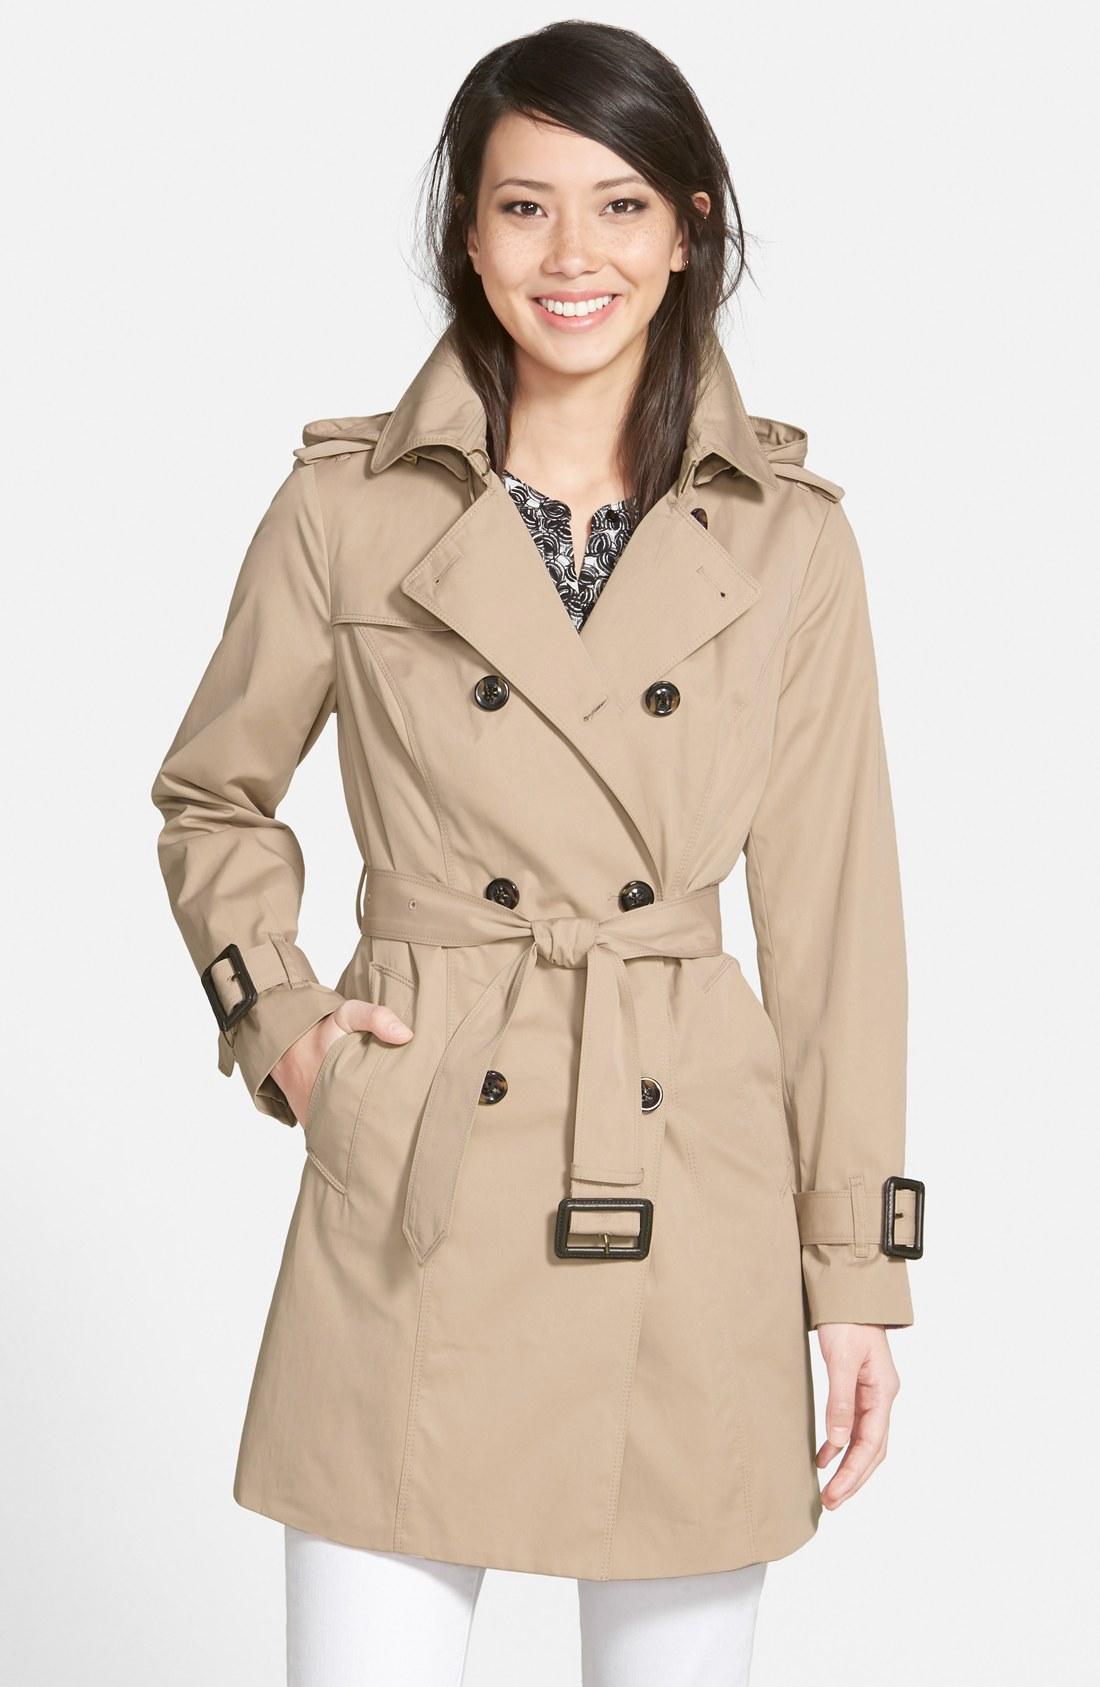 Womens Coat – How Many Styles? – Carey Fashion